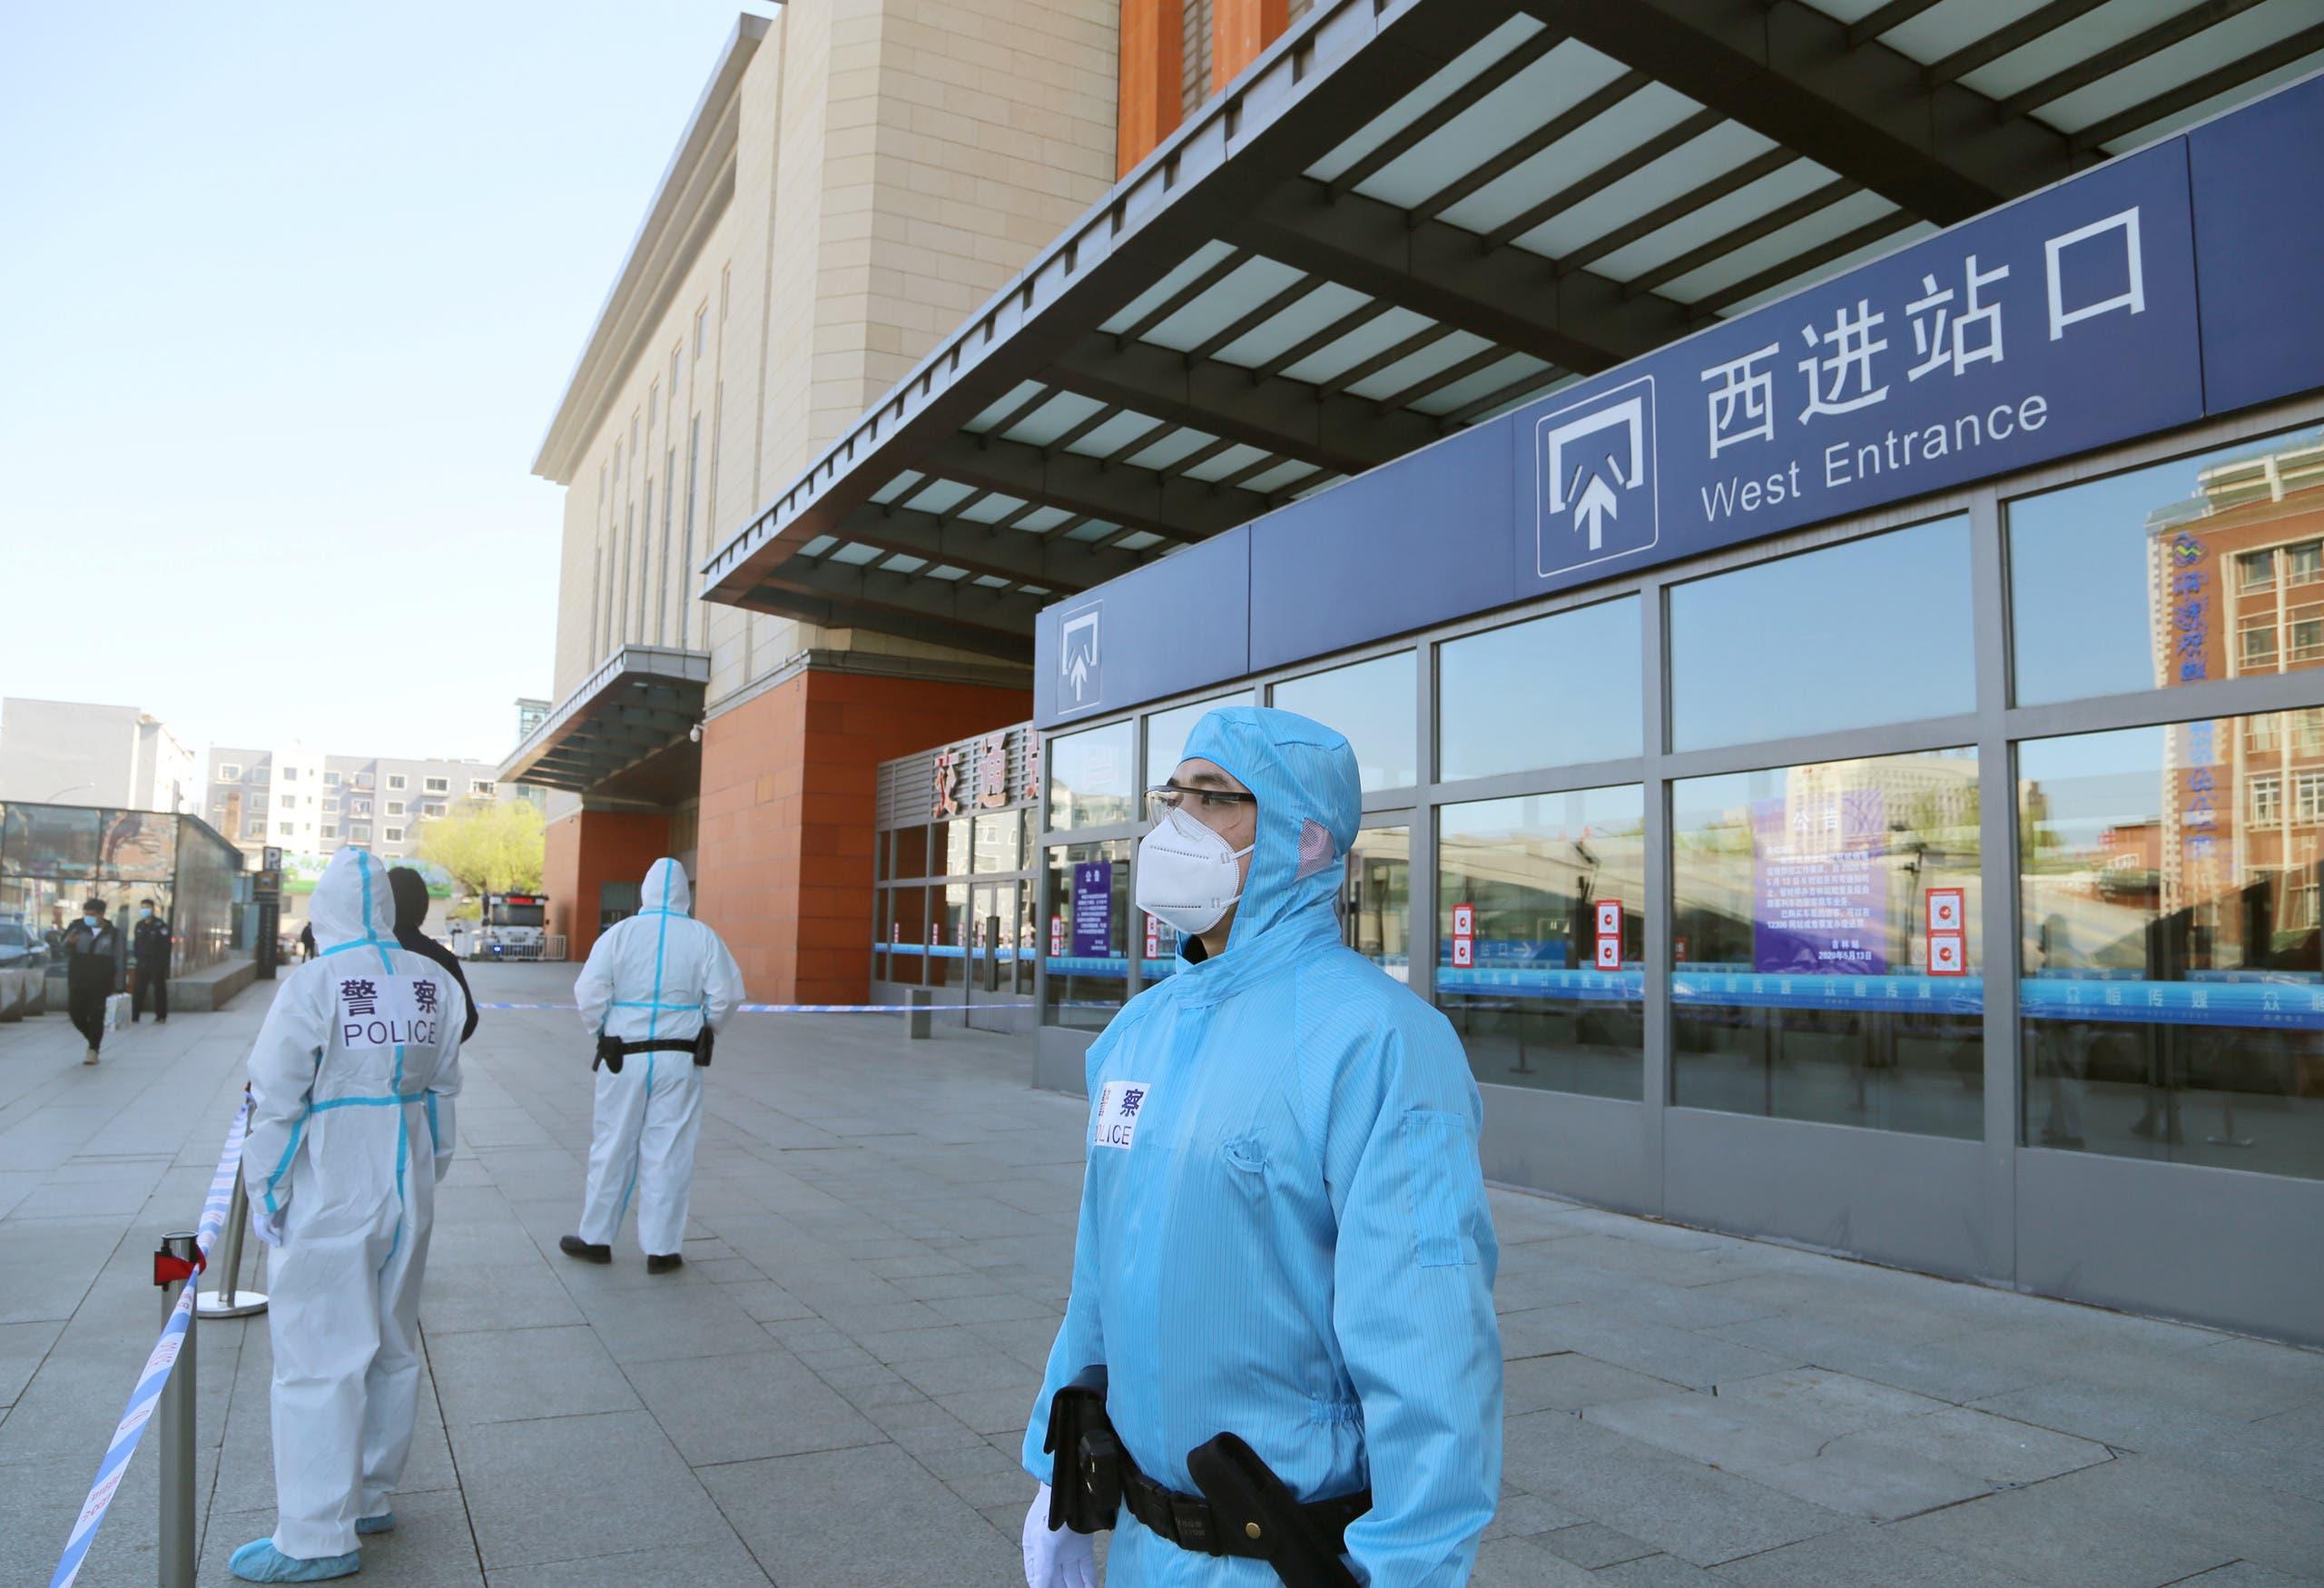 شرطي يحرس محطة قطارات مغلقة بسبب تفشي كورونا في منطقة جديدة بالصين